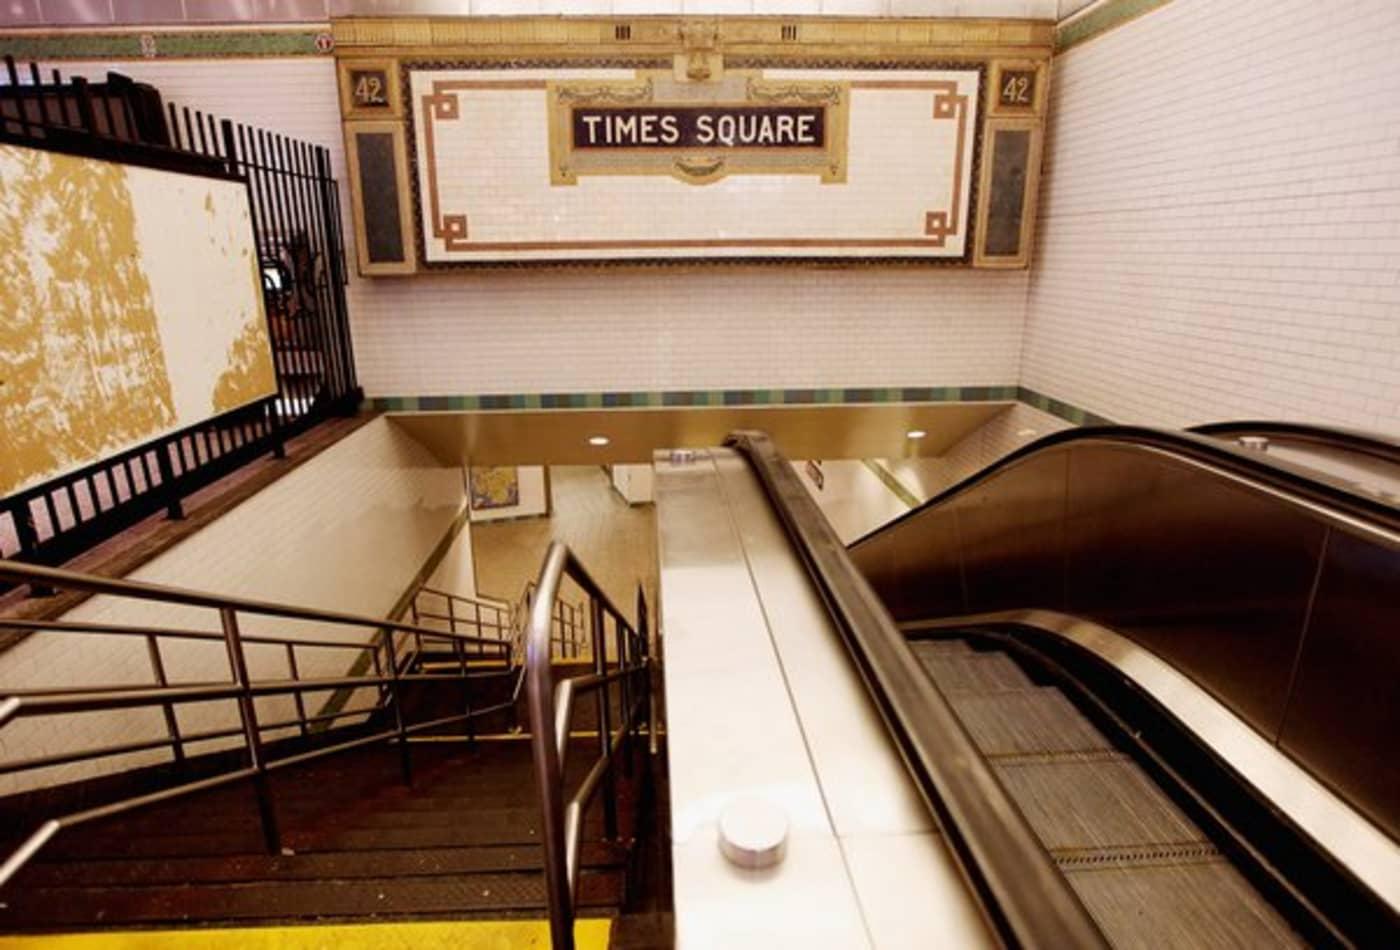 Irene_AUG27_NY3_timessquare_subway.jpg